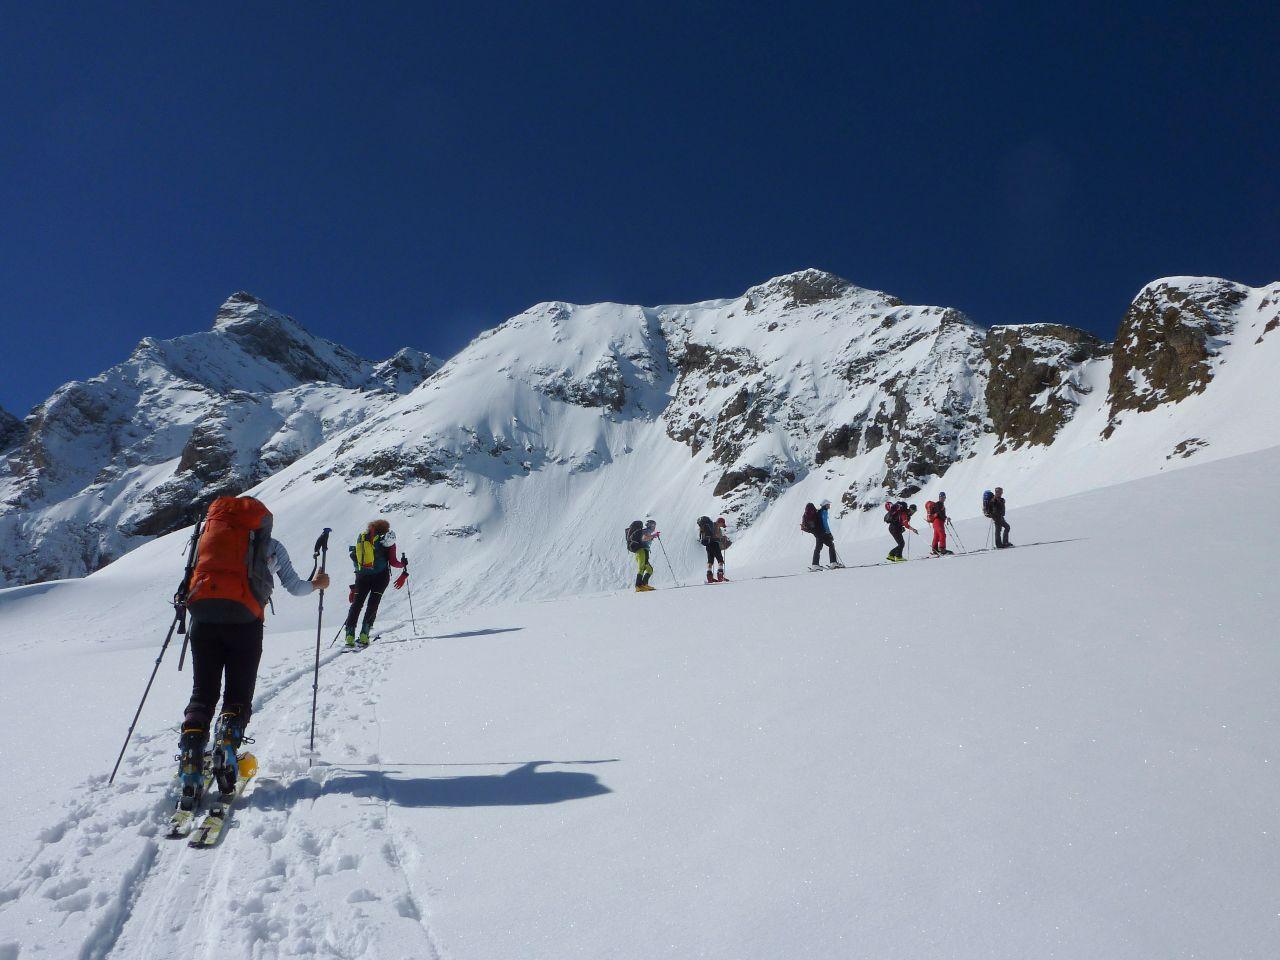 curso de esqui de montaña en sierra nevada